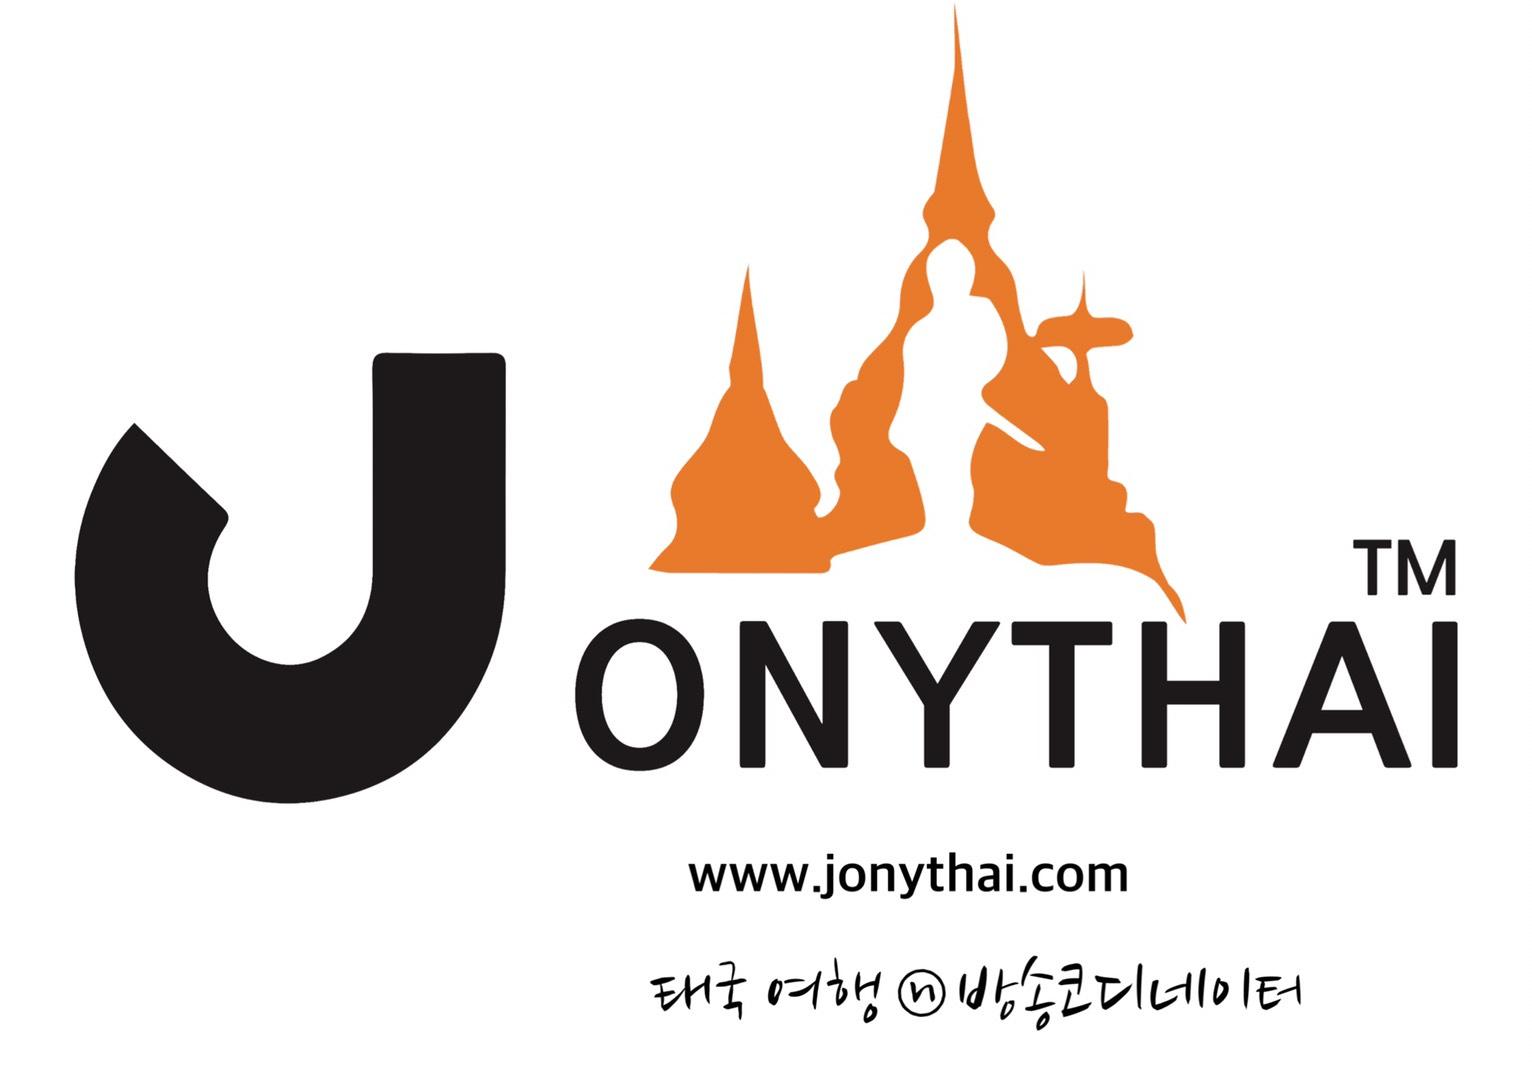 JONYTHAI / 조니타이